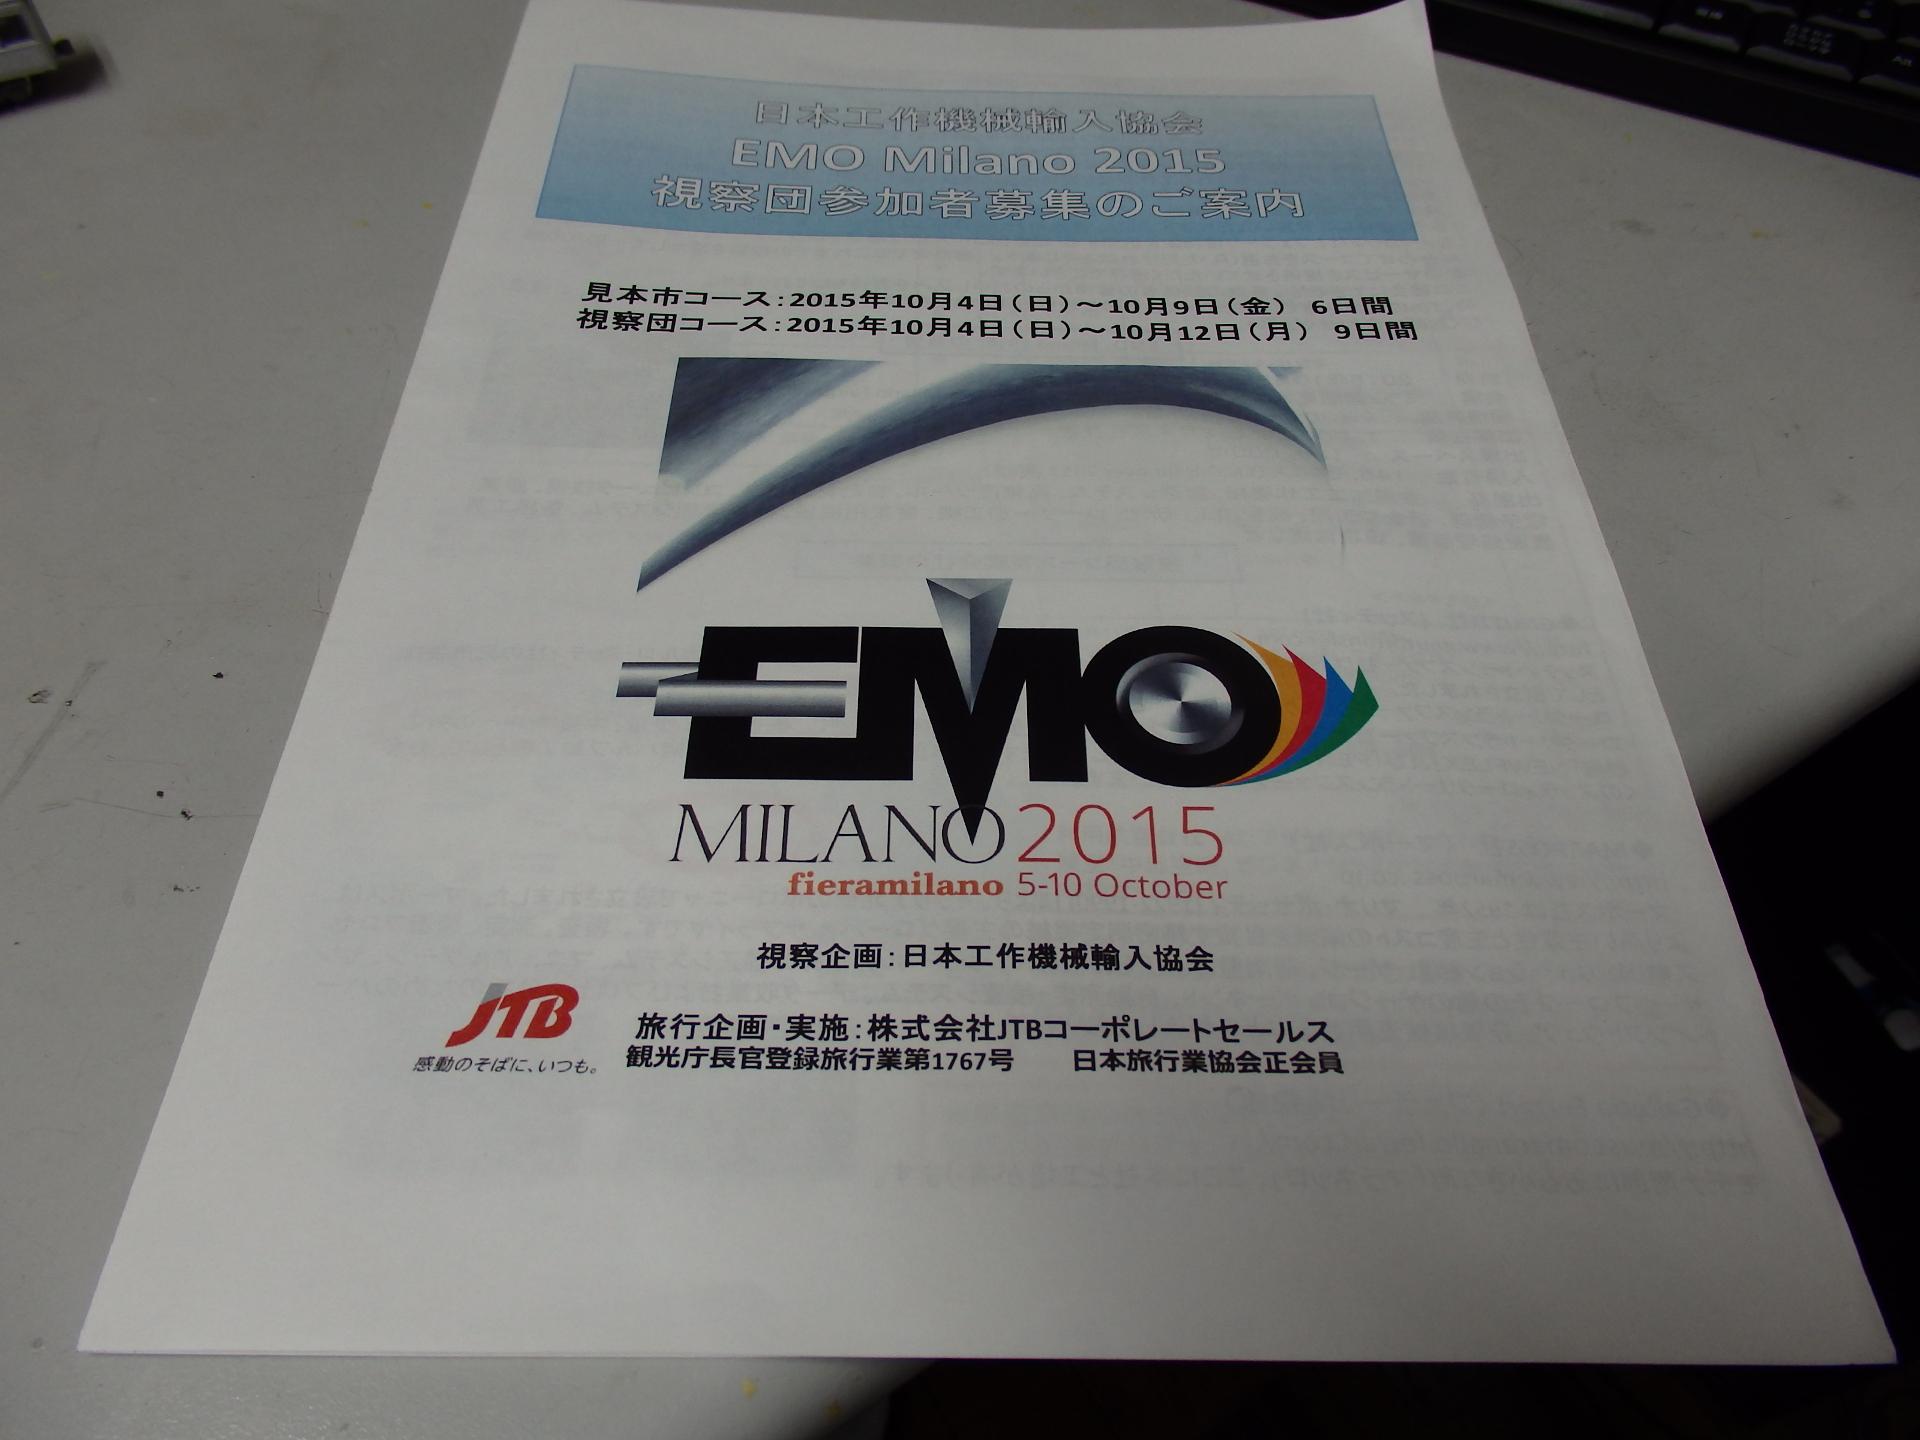 EMO Milano 2015の案内が来ました。